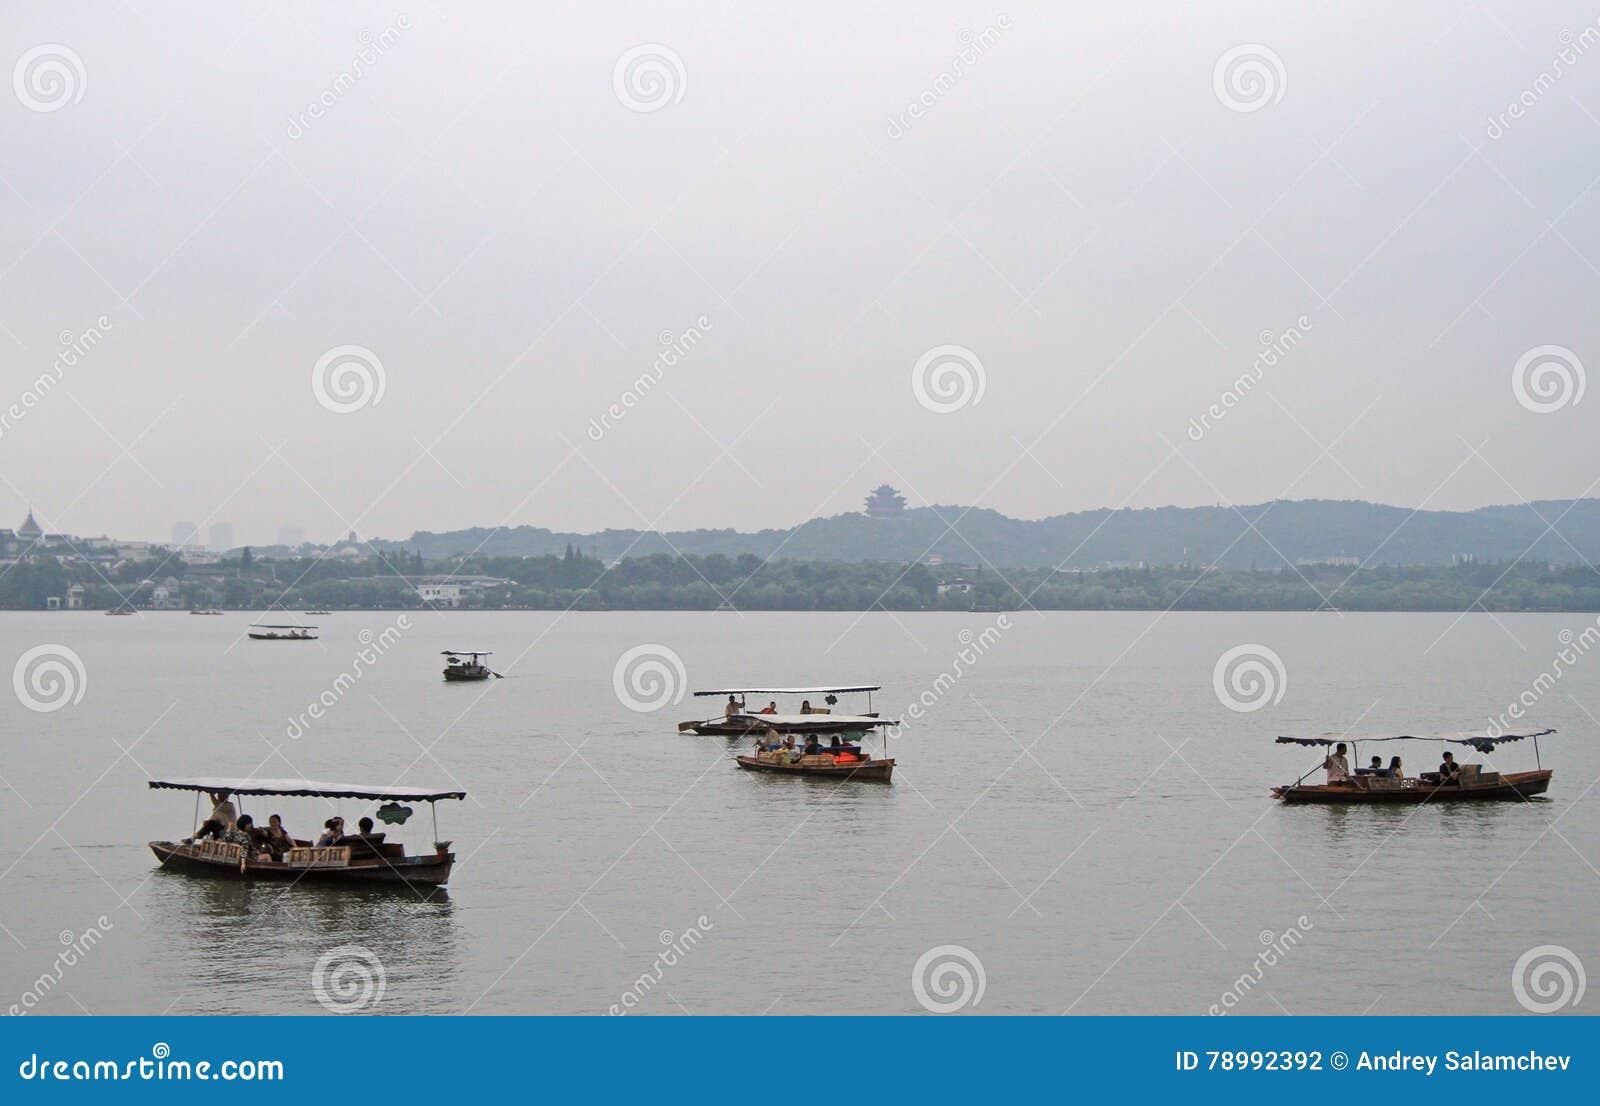 Fartyg på den västra sjön i Hangzhou